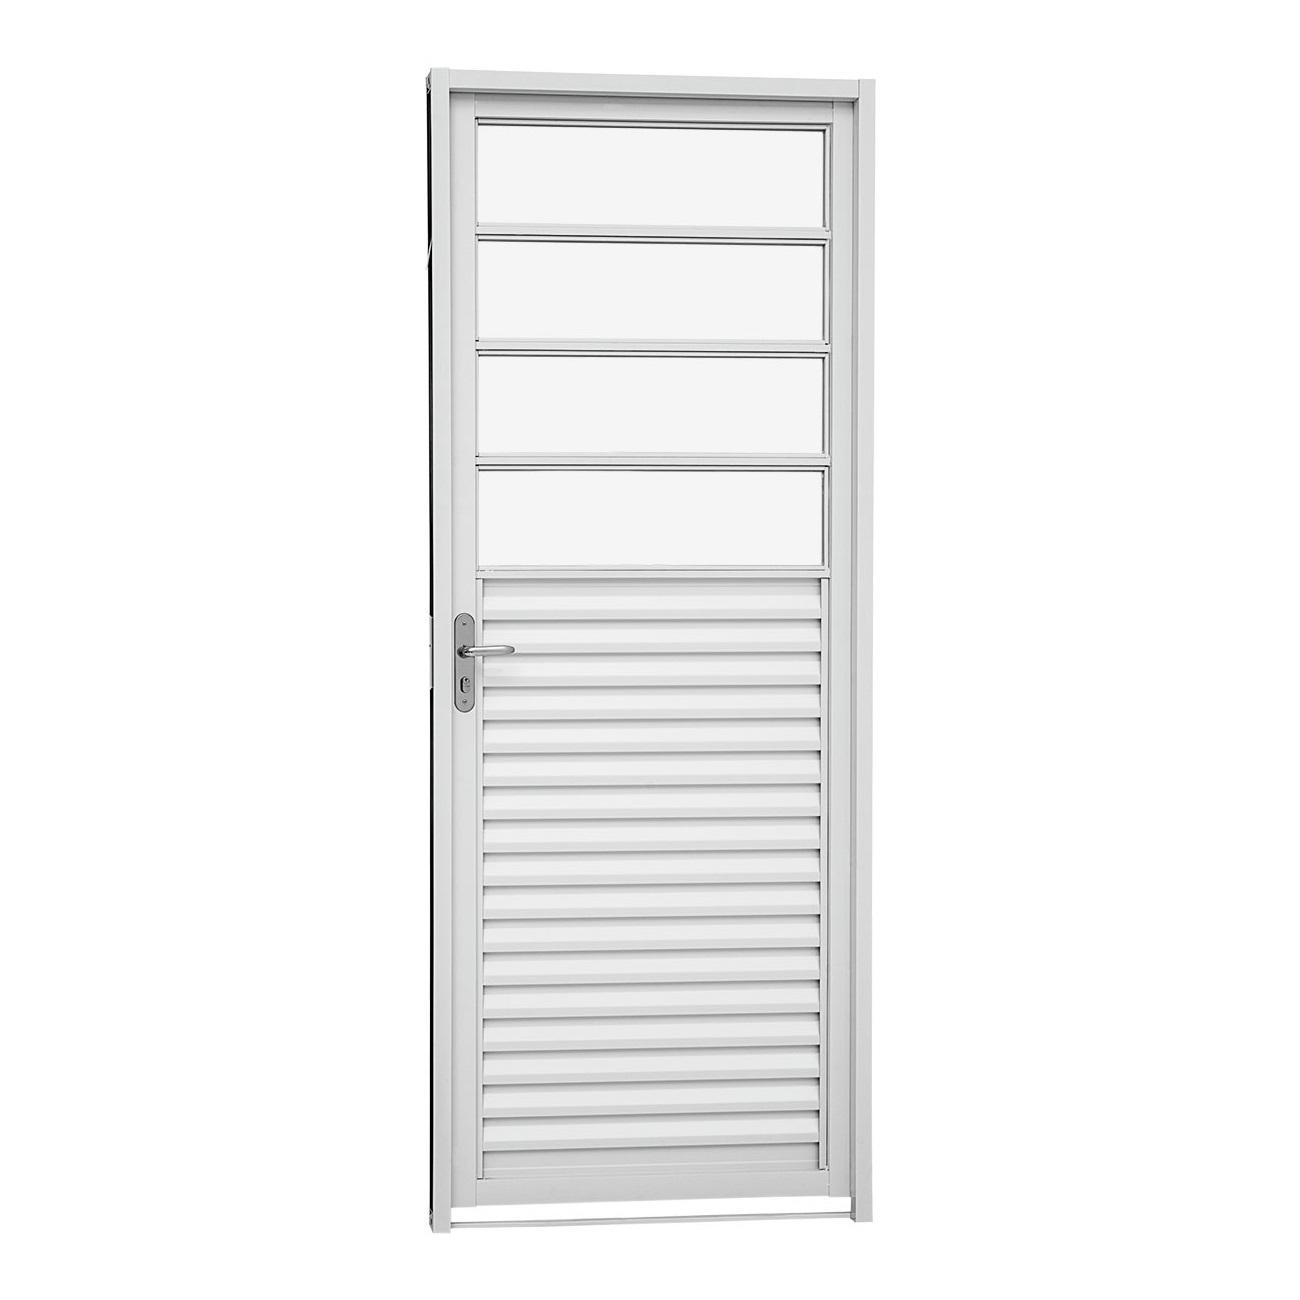 Porta Veneziana Direita Kompacta Aço com Vidros Horizontais 217x87